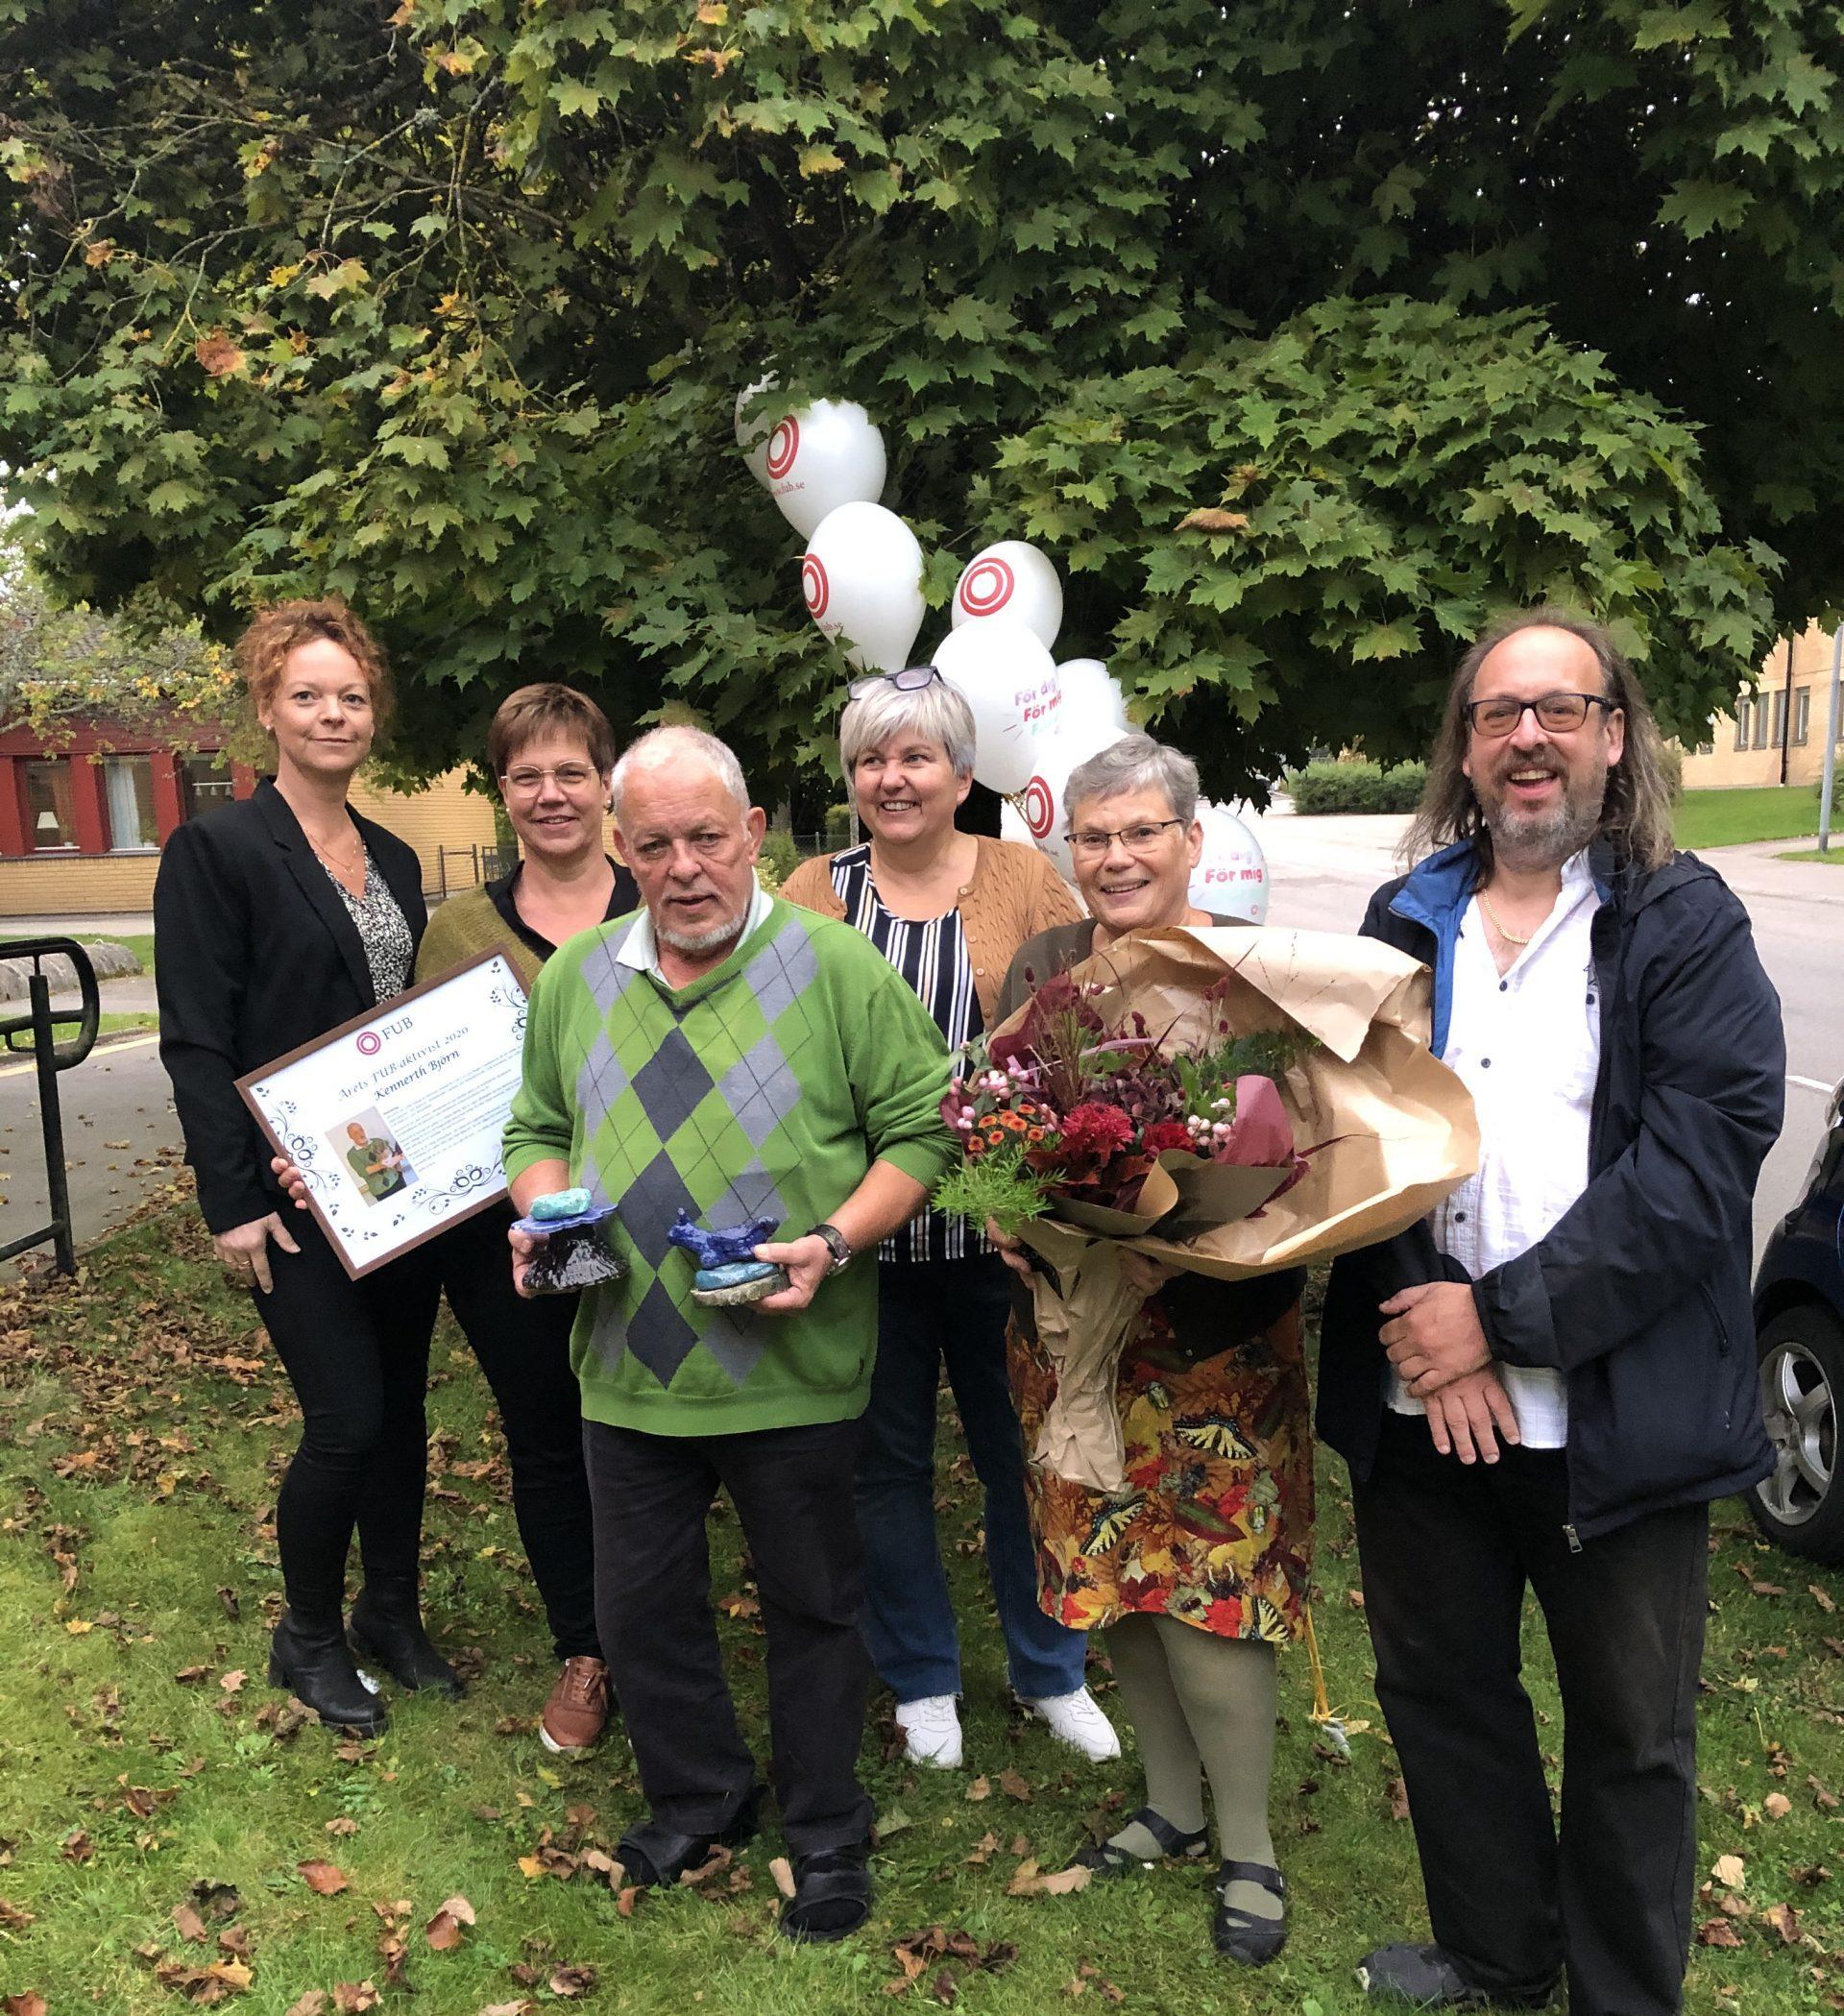 Styrelsen i Växjö och Kronoberg län firar Kennerth Björn